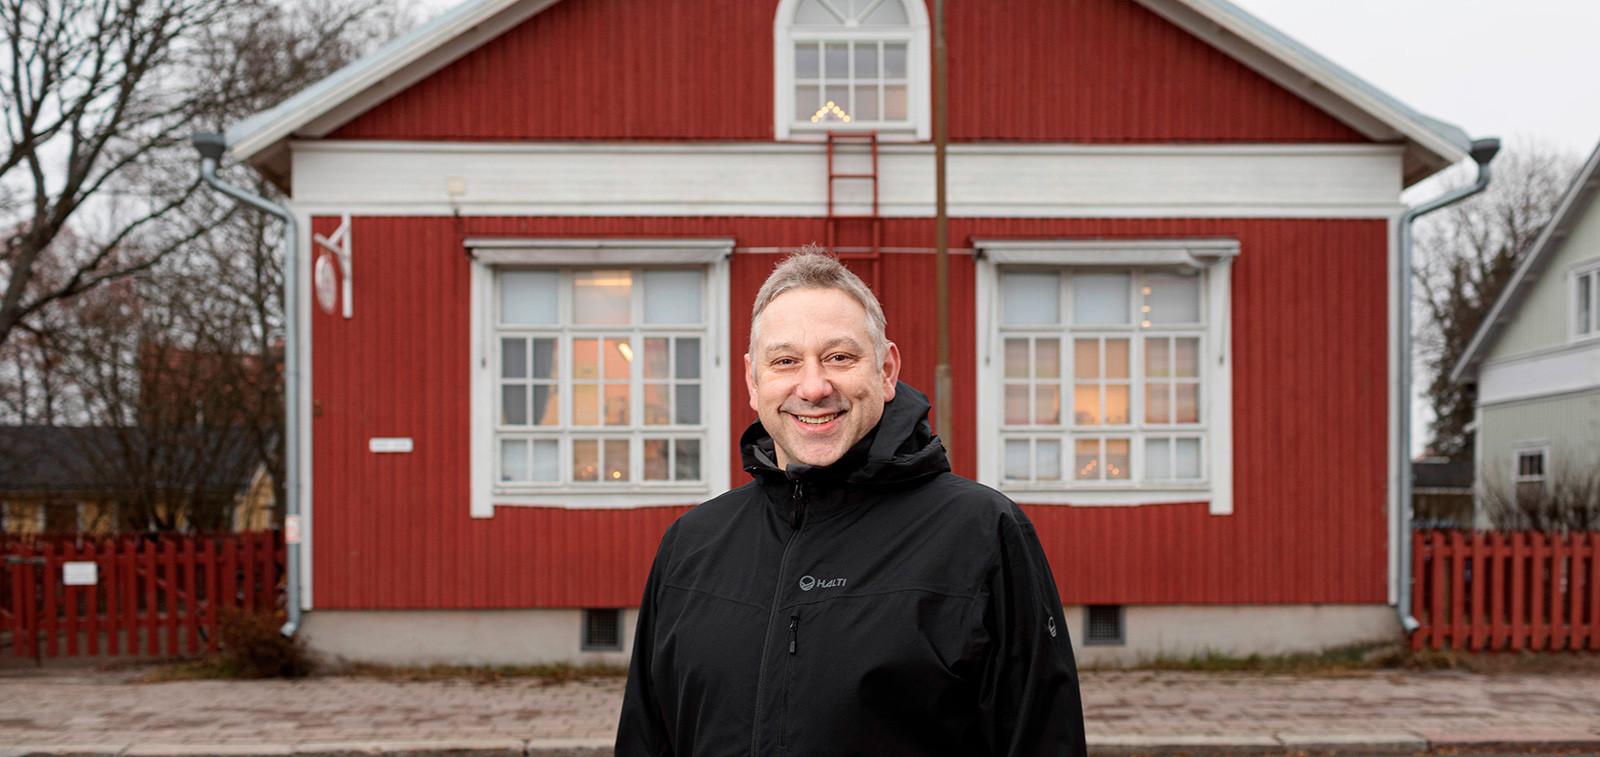 Jonathan Cowle, taustalla Wendy House -lastentarha Linnanniemellä. Kuva: Ville Mäkilä, TMK.